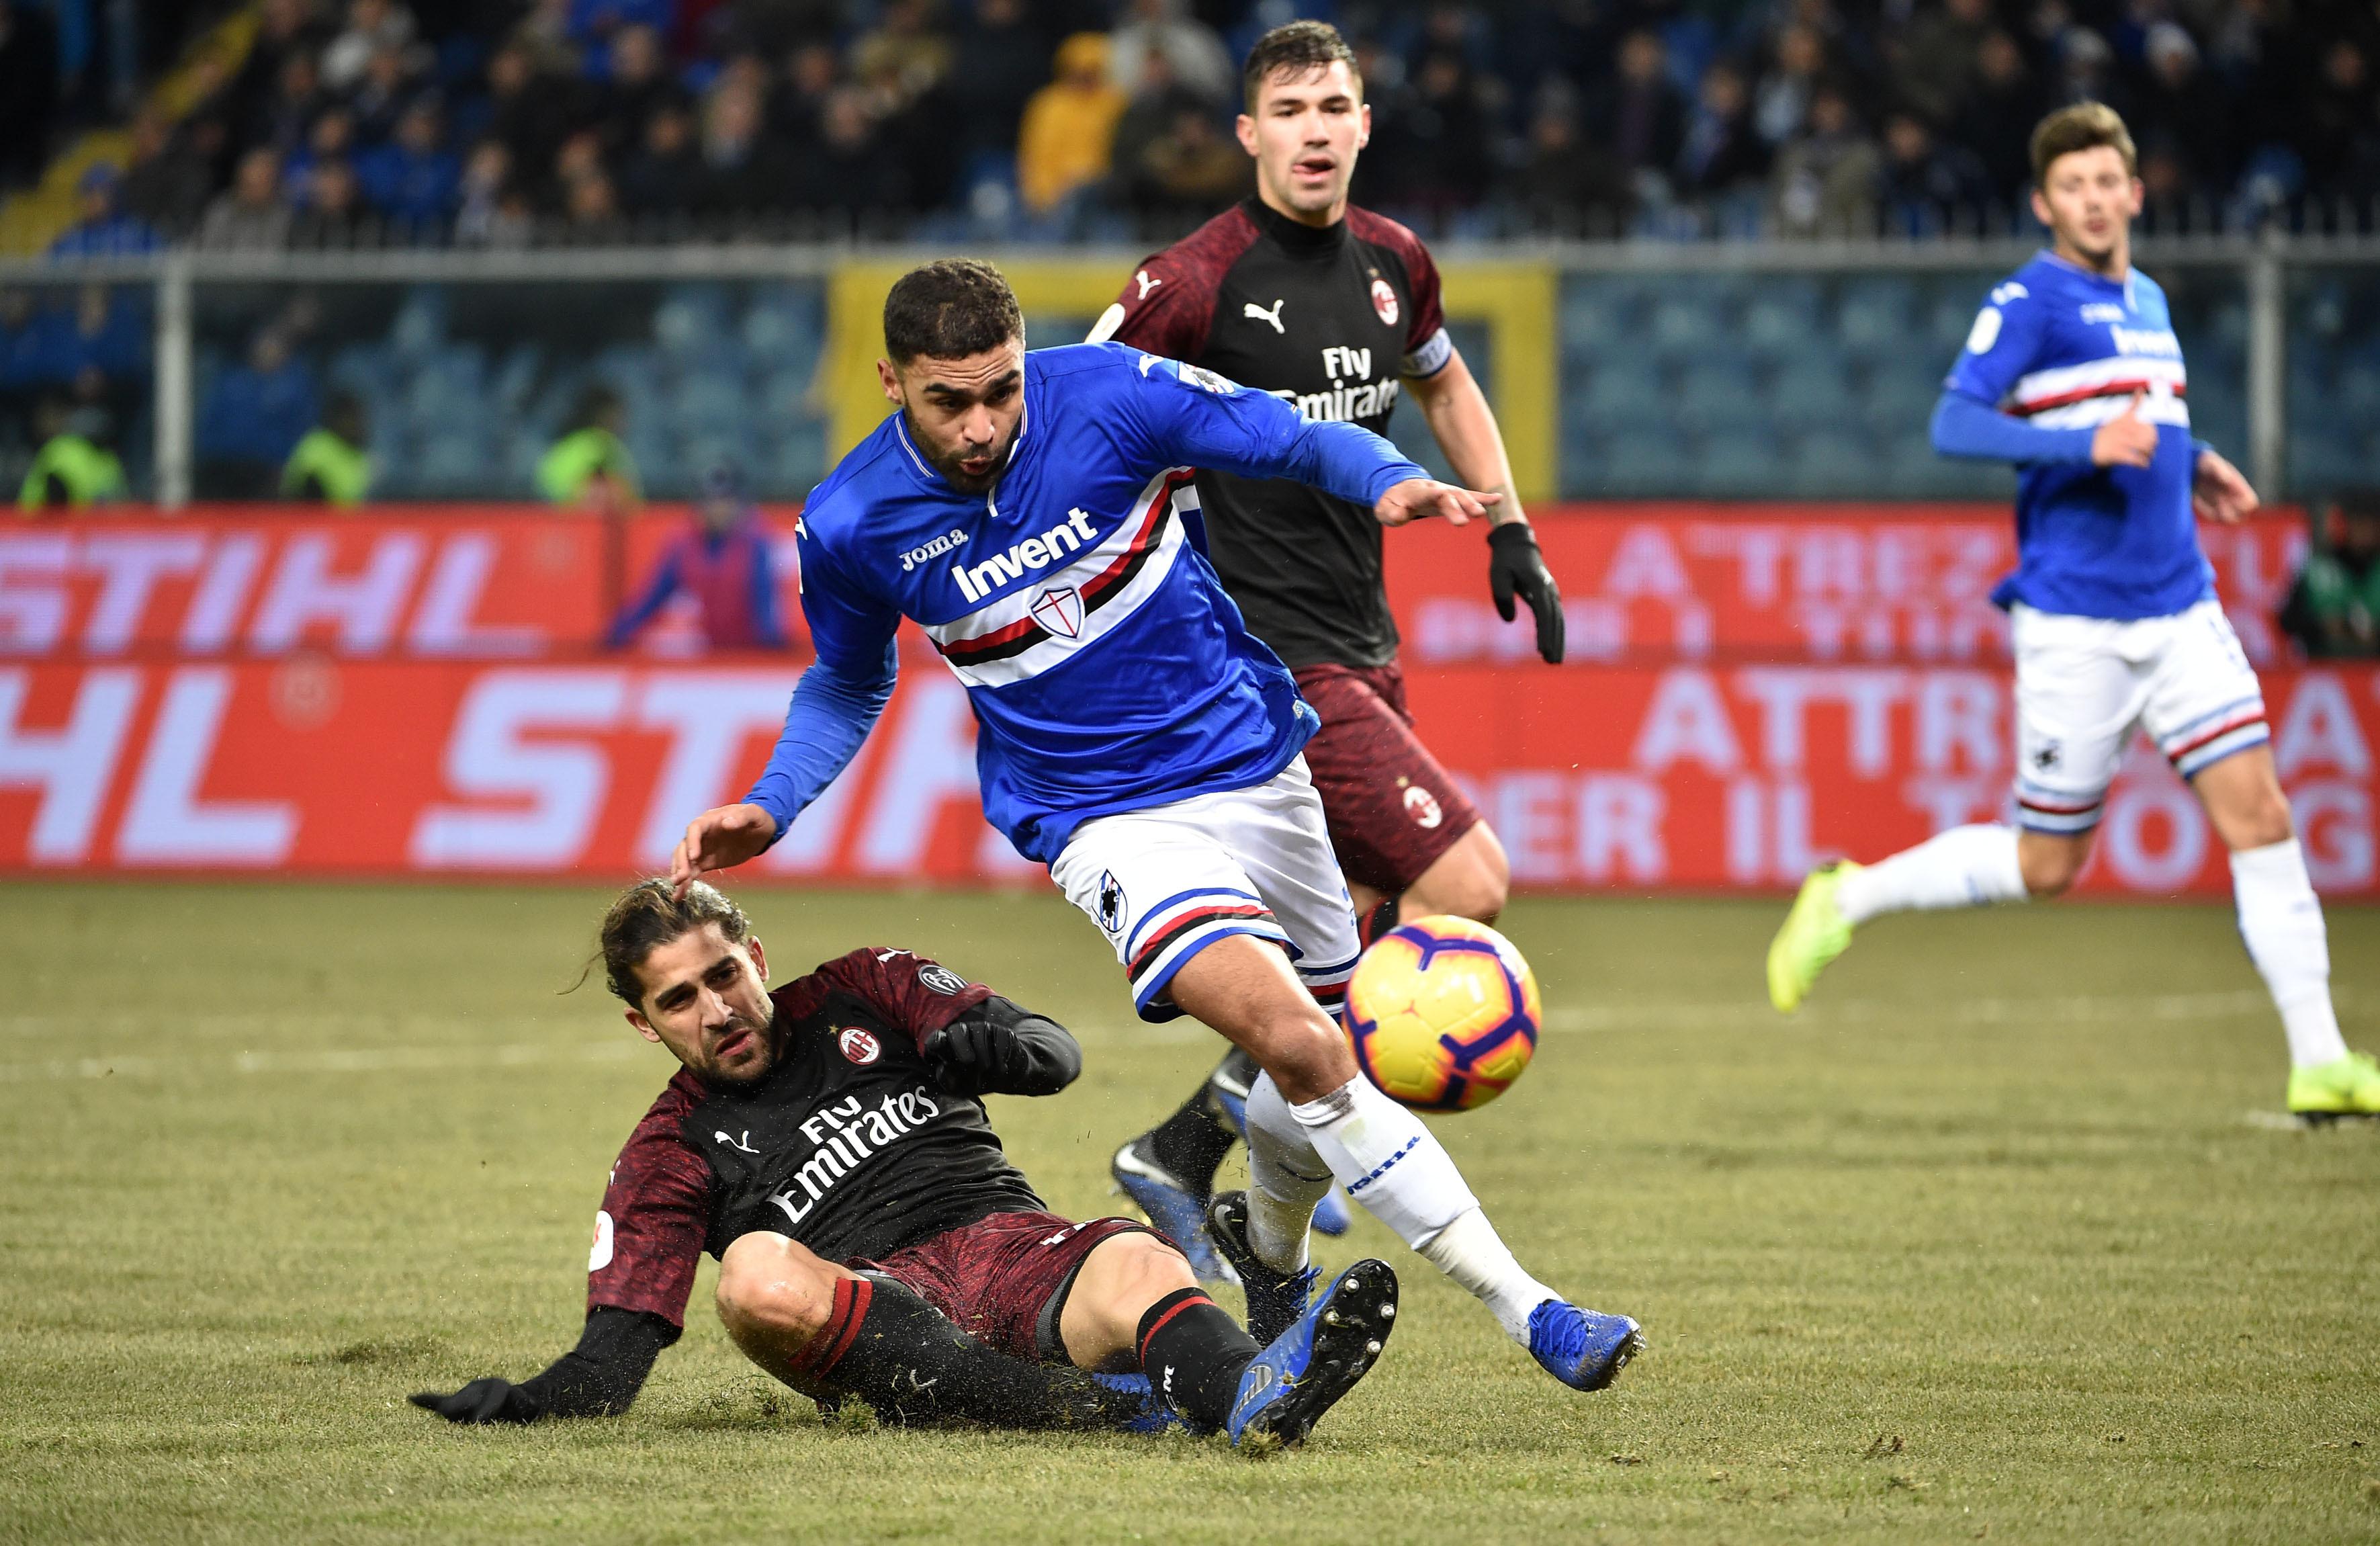 Jogador da Sampdoria conduziu bêbedo, fugiu à polícia e... despistou-se